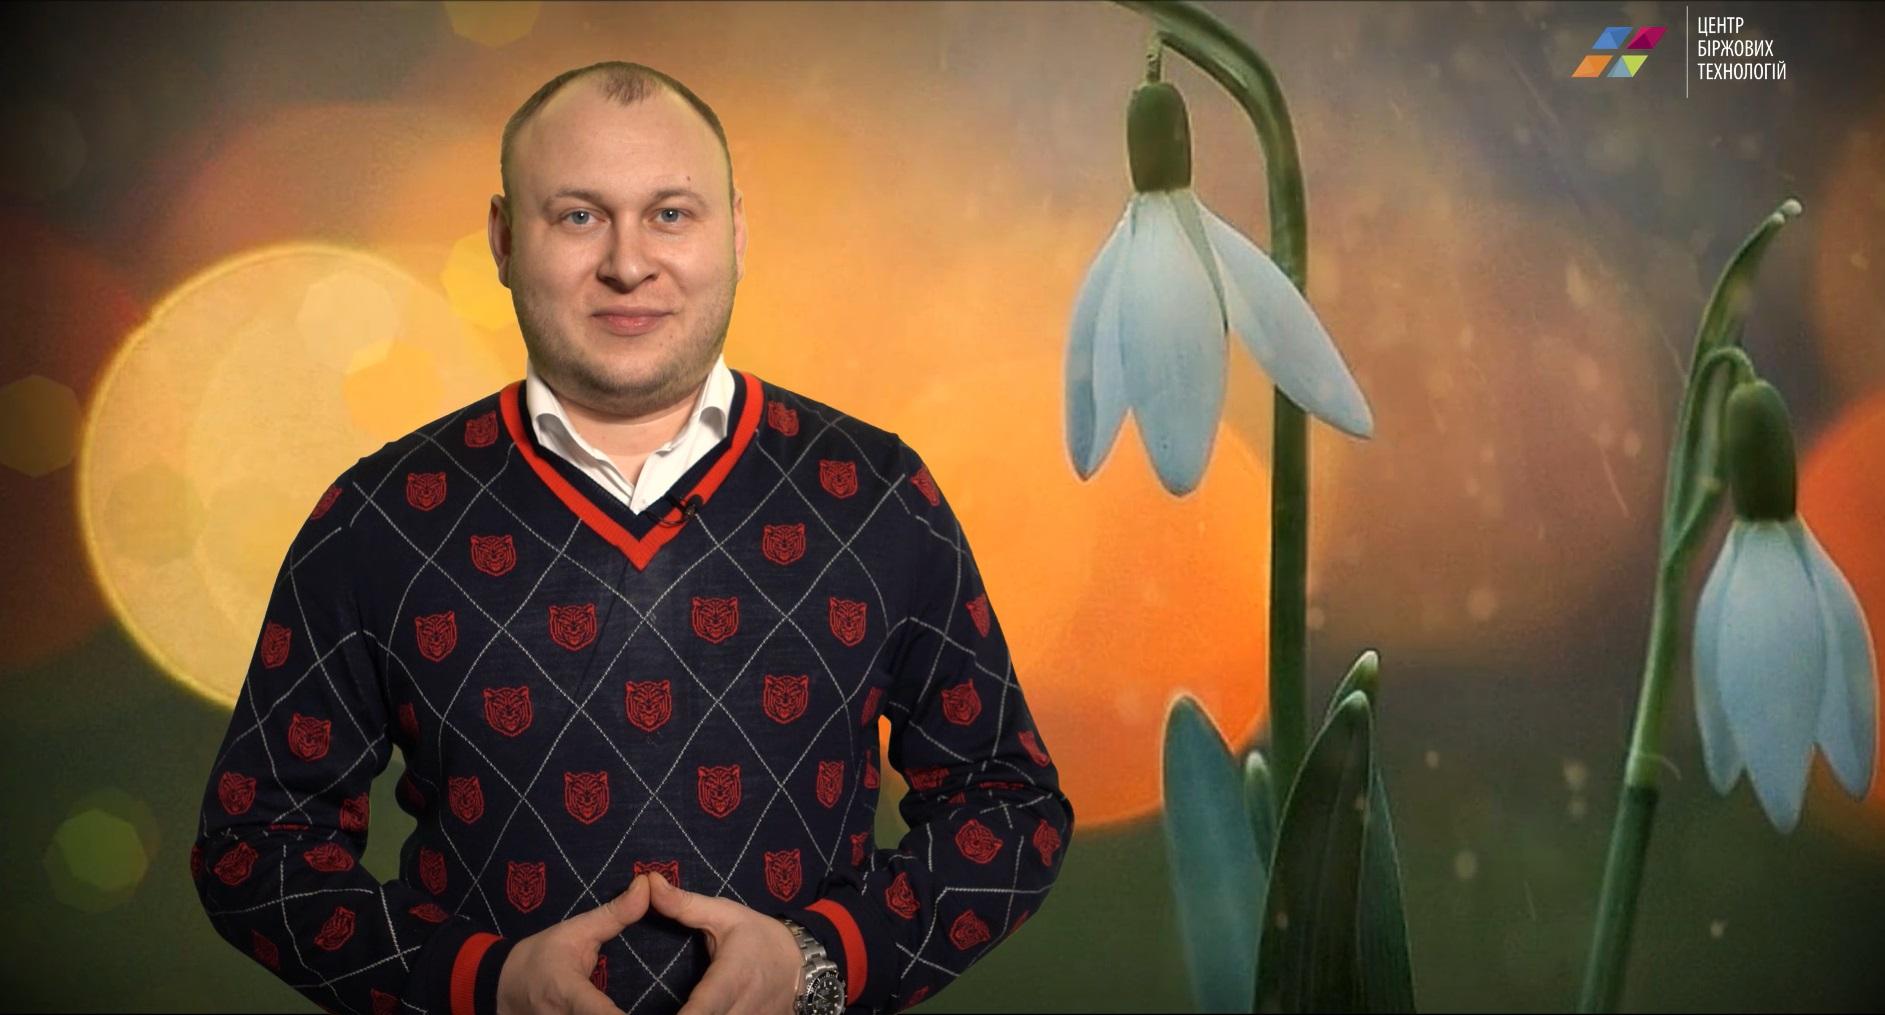 Богдан Троцько, глава групи компаній ЦБТ: «Жінки — наше натхнення і рушійна сила» - фото 1